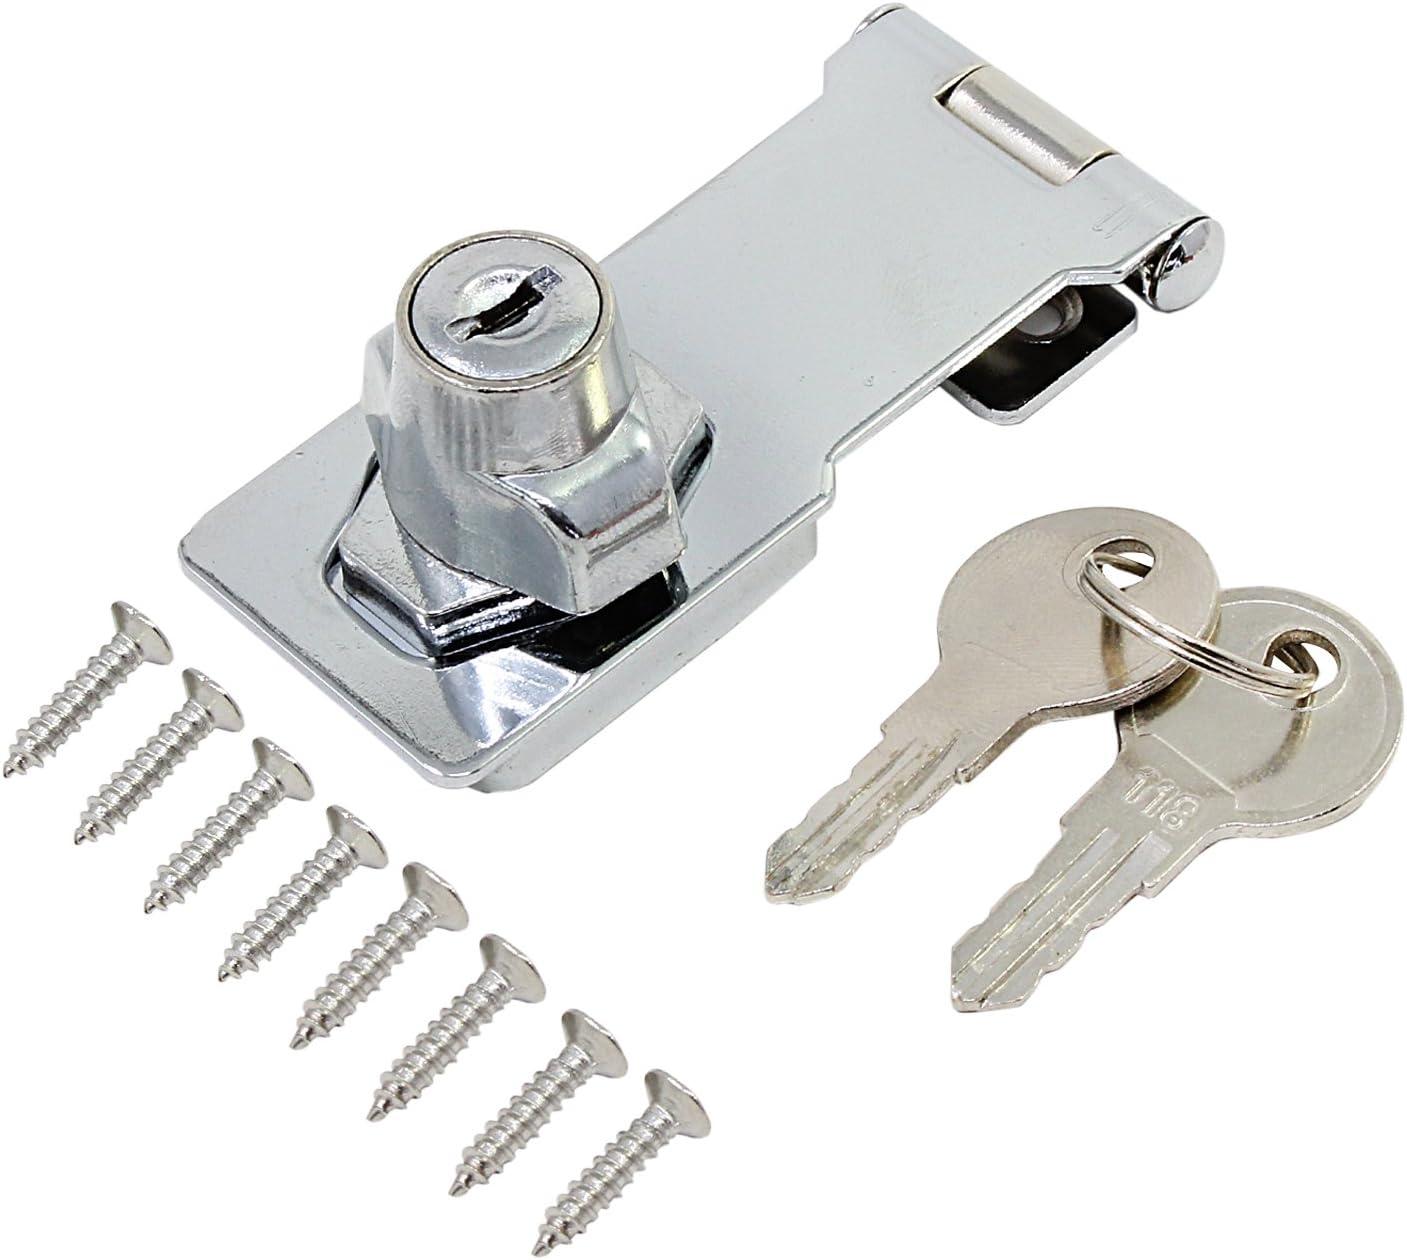 HSeaMall Cerradura de cerrojo con llave de 3 pulgadas Cerradura de cerradura con llave metálica con llaves para puertas Herrajes para muebles de armarios (con llaves)